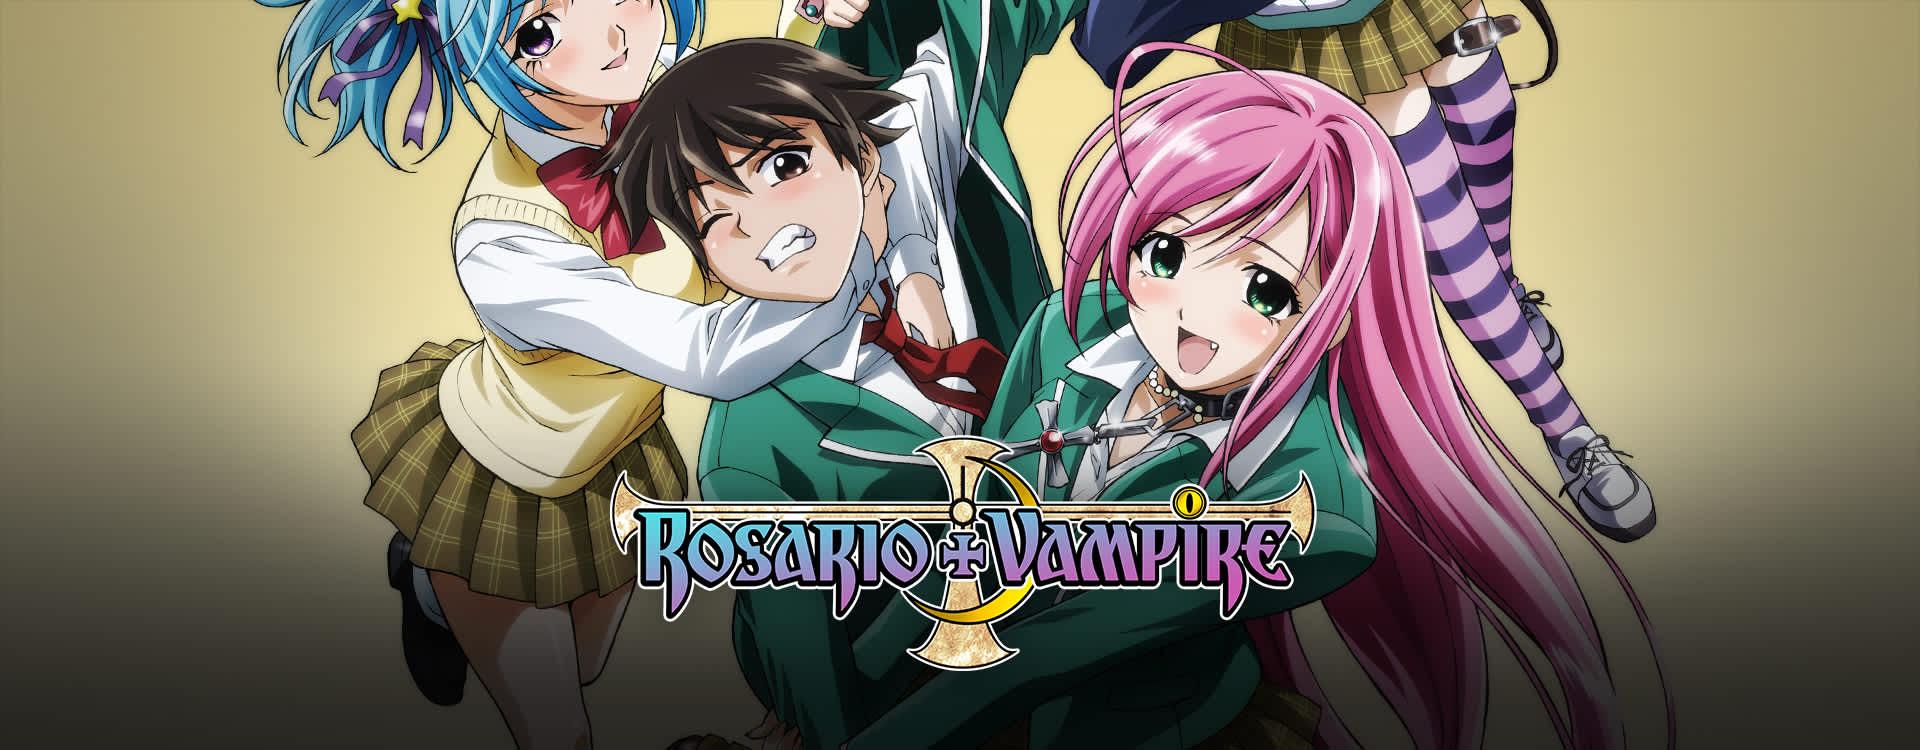 Anime De Rosario Vampire watch rosario + vampire episodes sub & dub | fan service